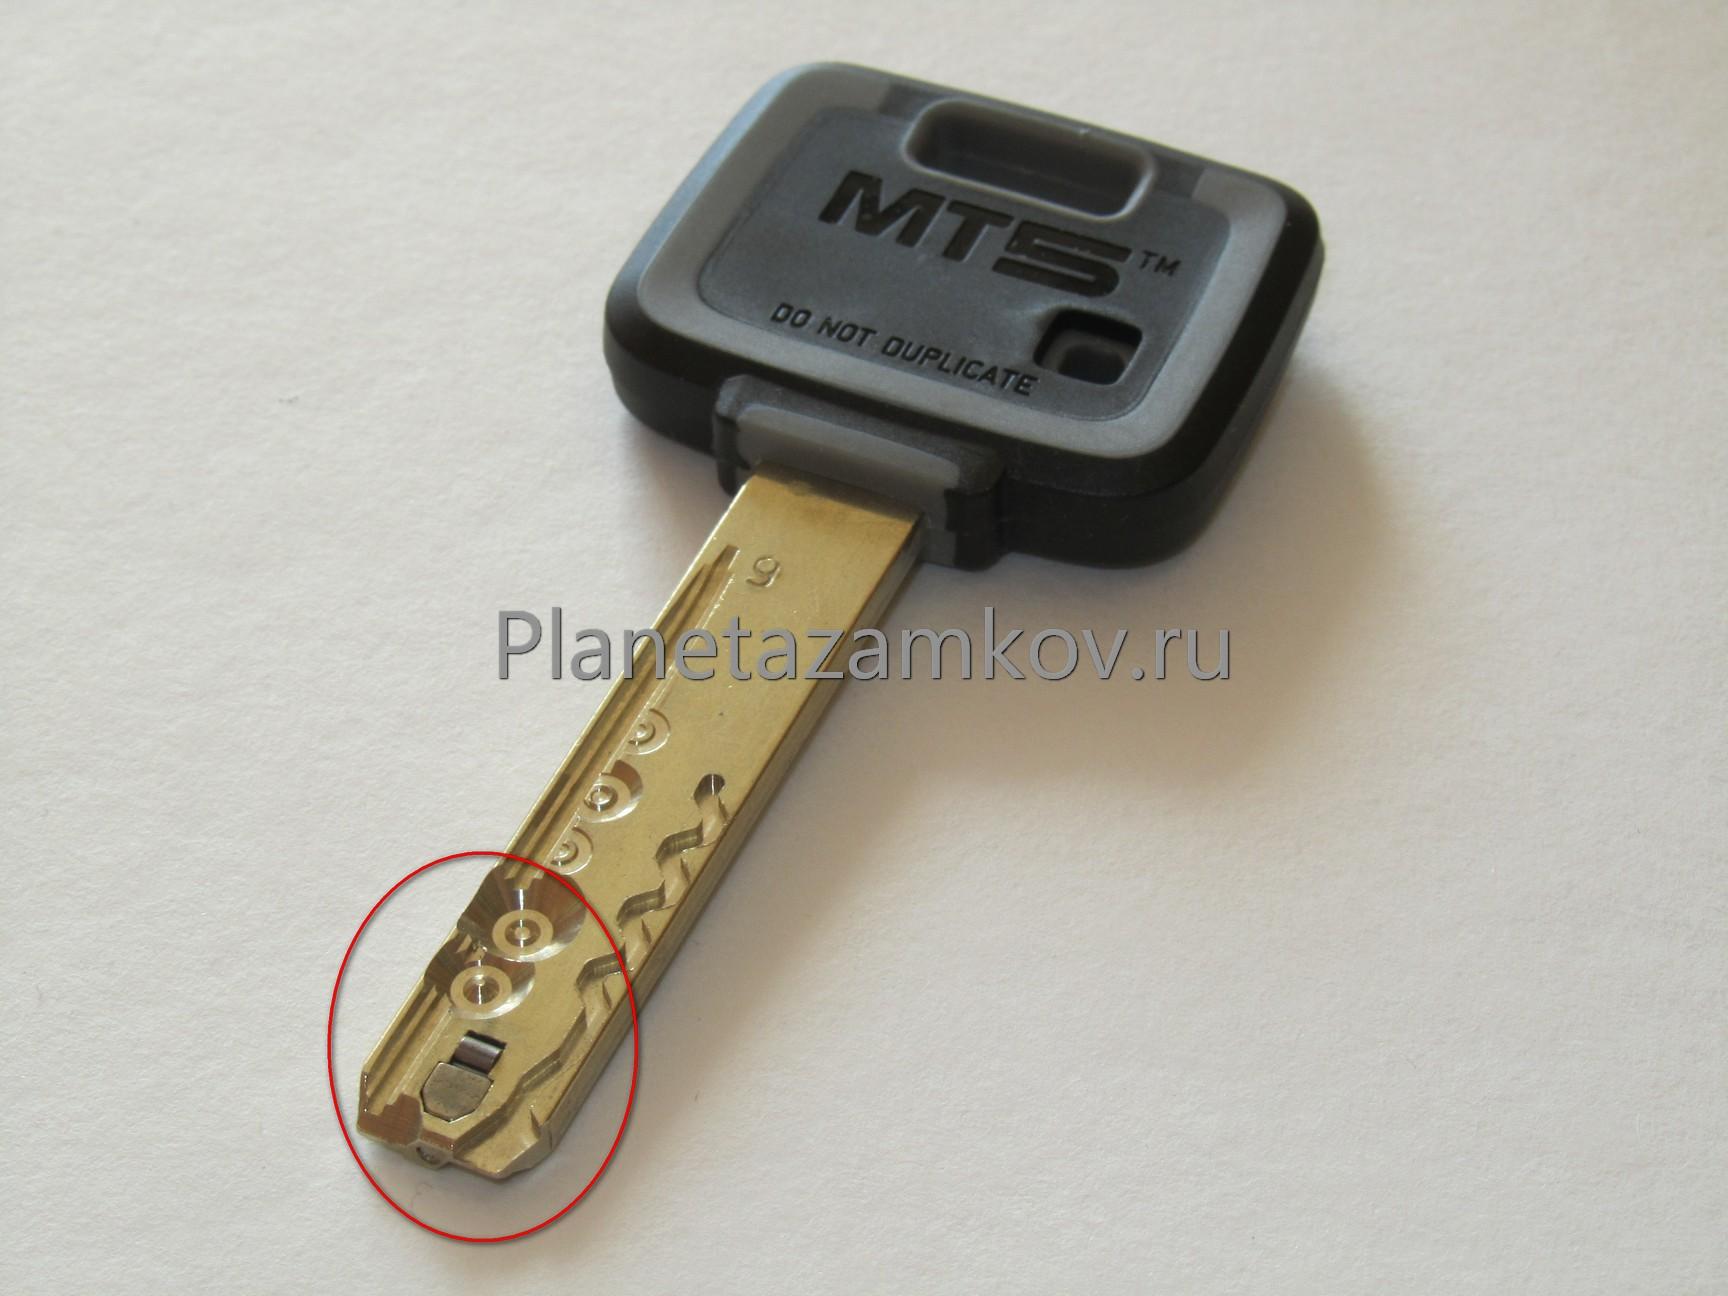 МЛТ 5+ (мультилок 5 плюс) высокосекретный механизм